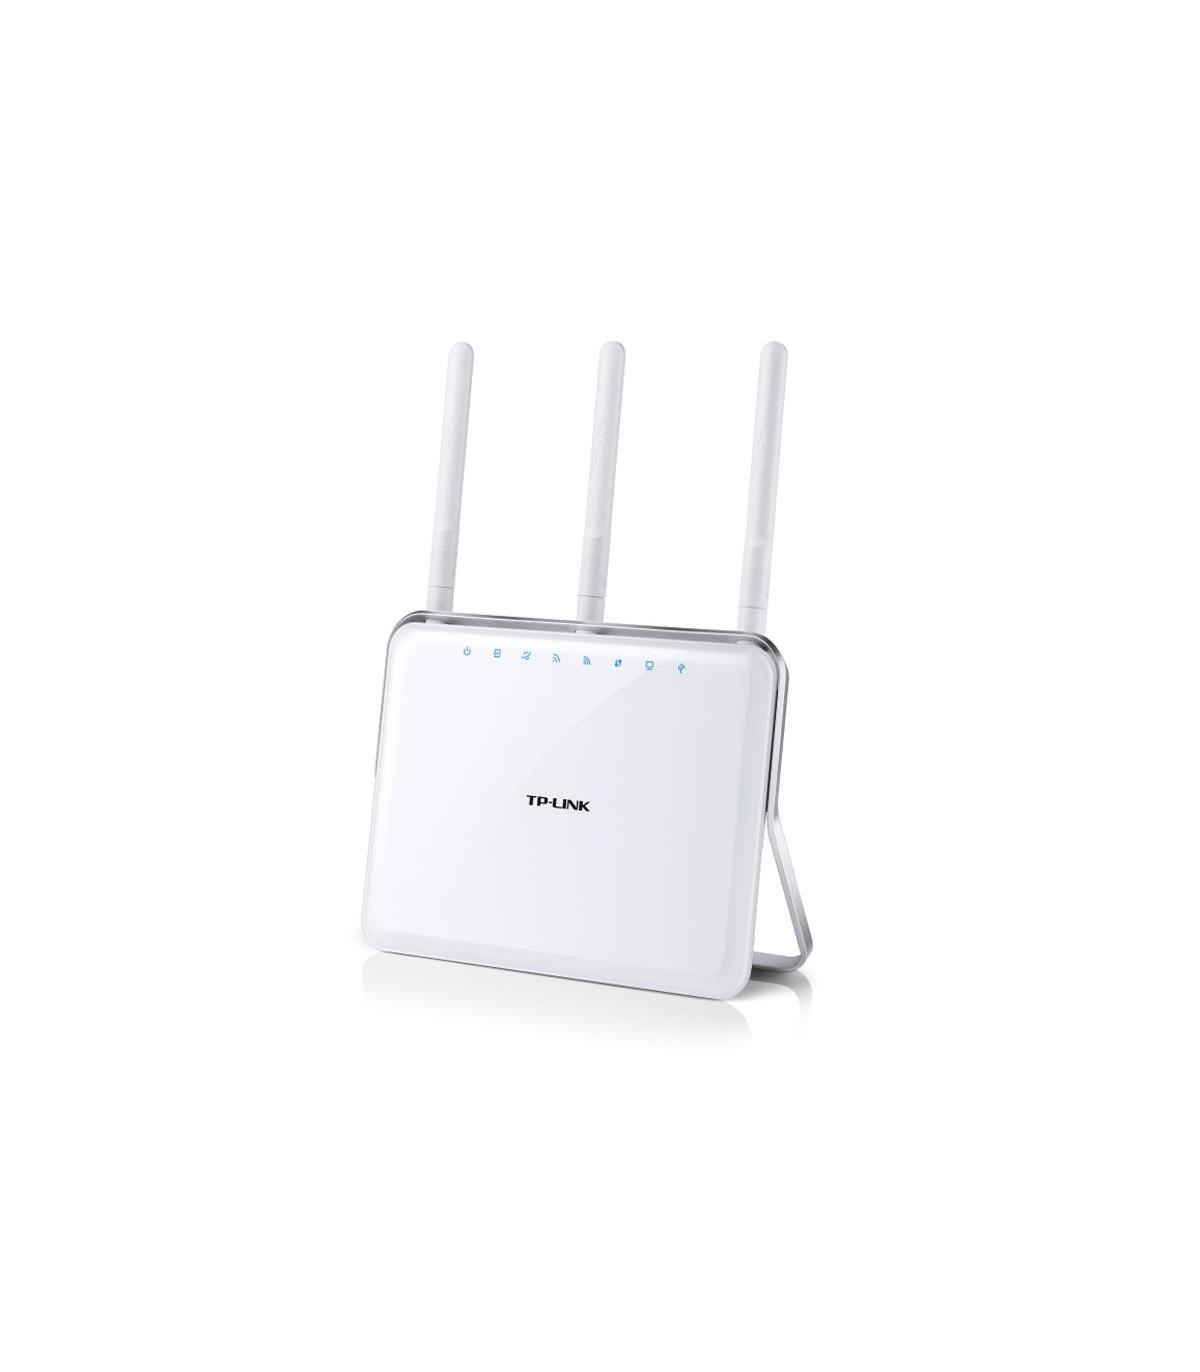 مودم روترTP-LINK Archer D9 AC1900 Dual Band Gigabit ADSL2+ Modem Router